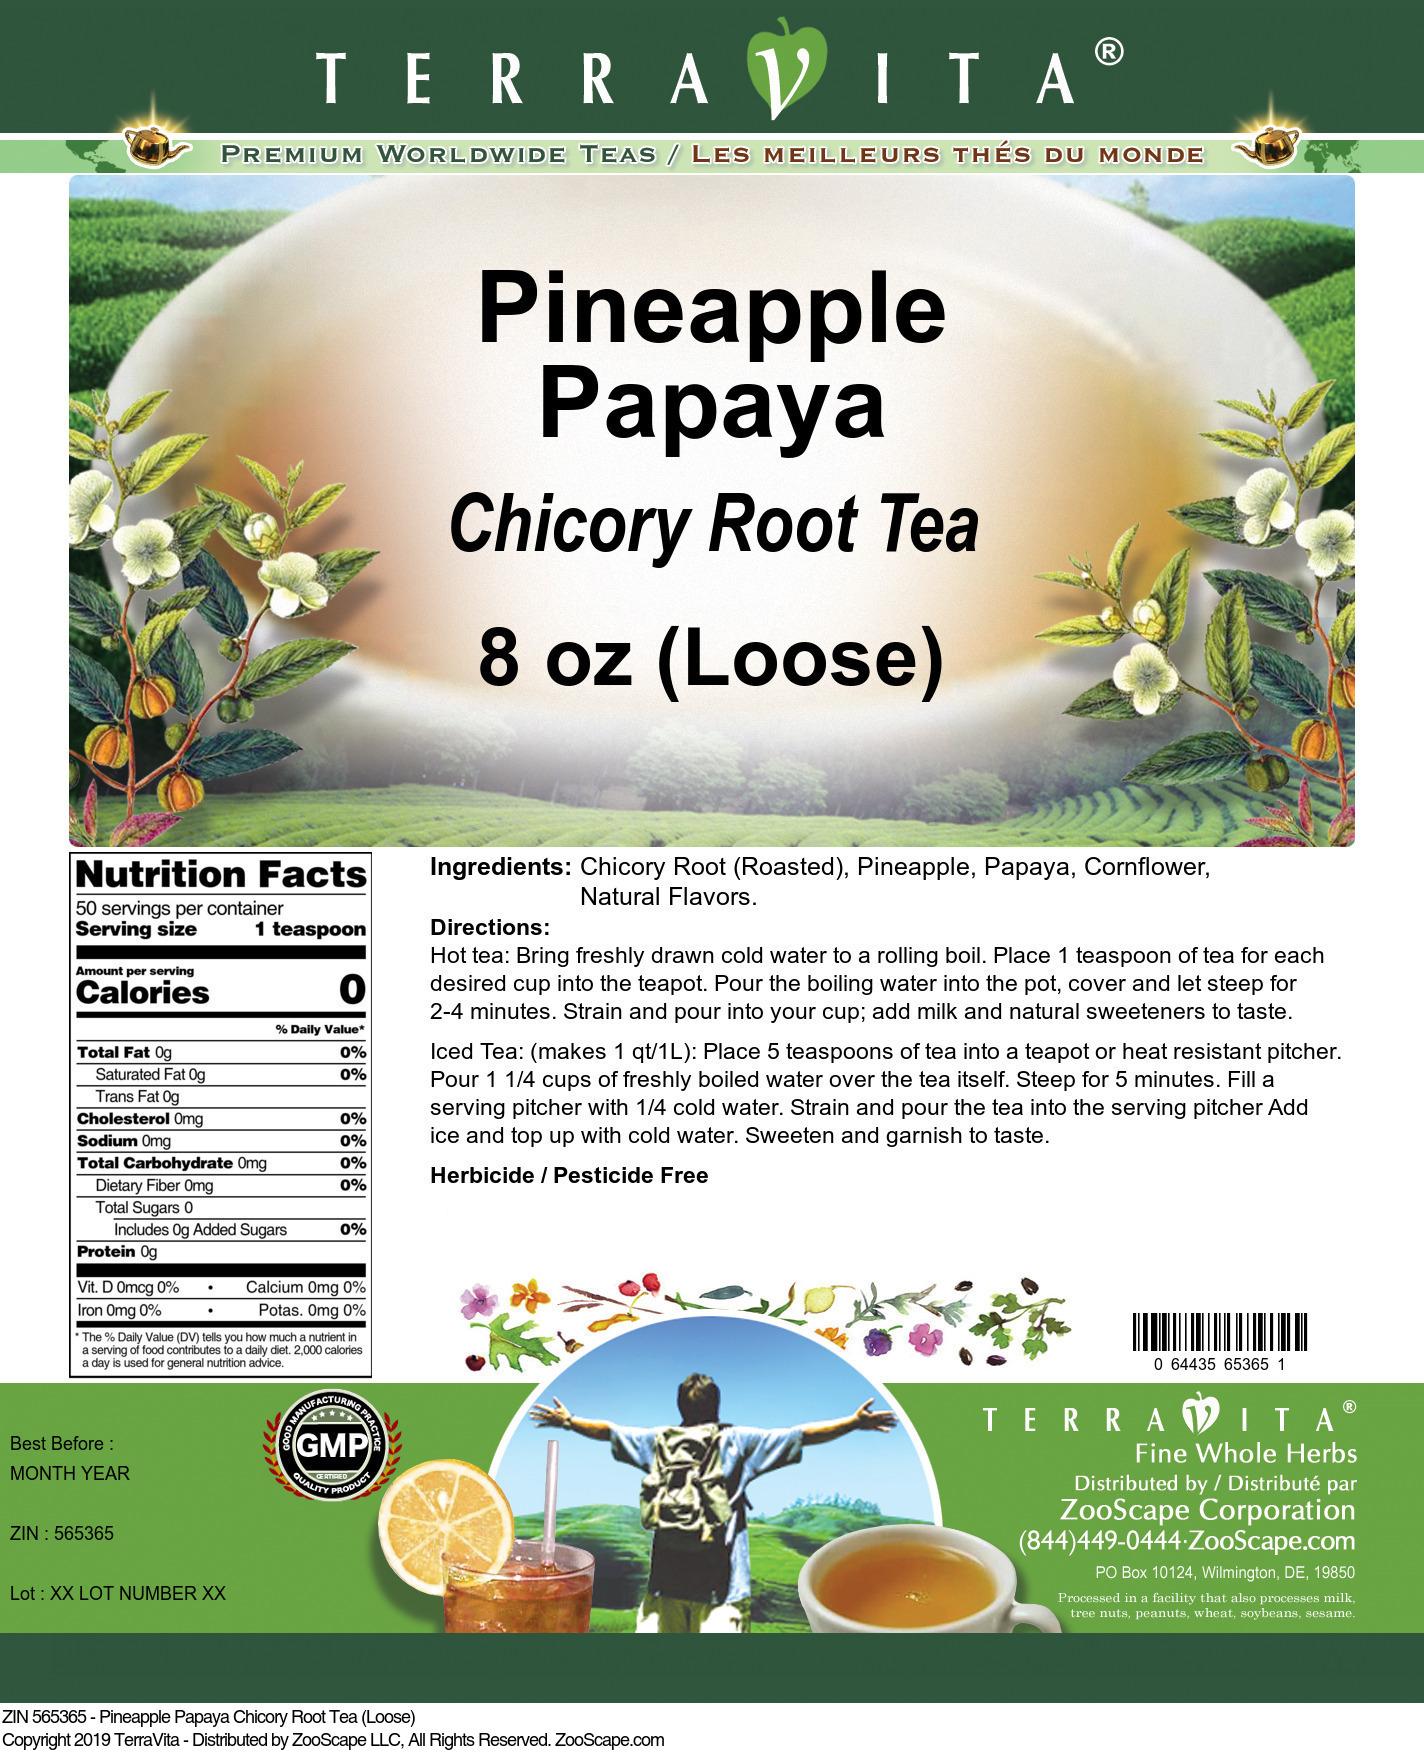 Pineapple Papaya Chicory Root